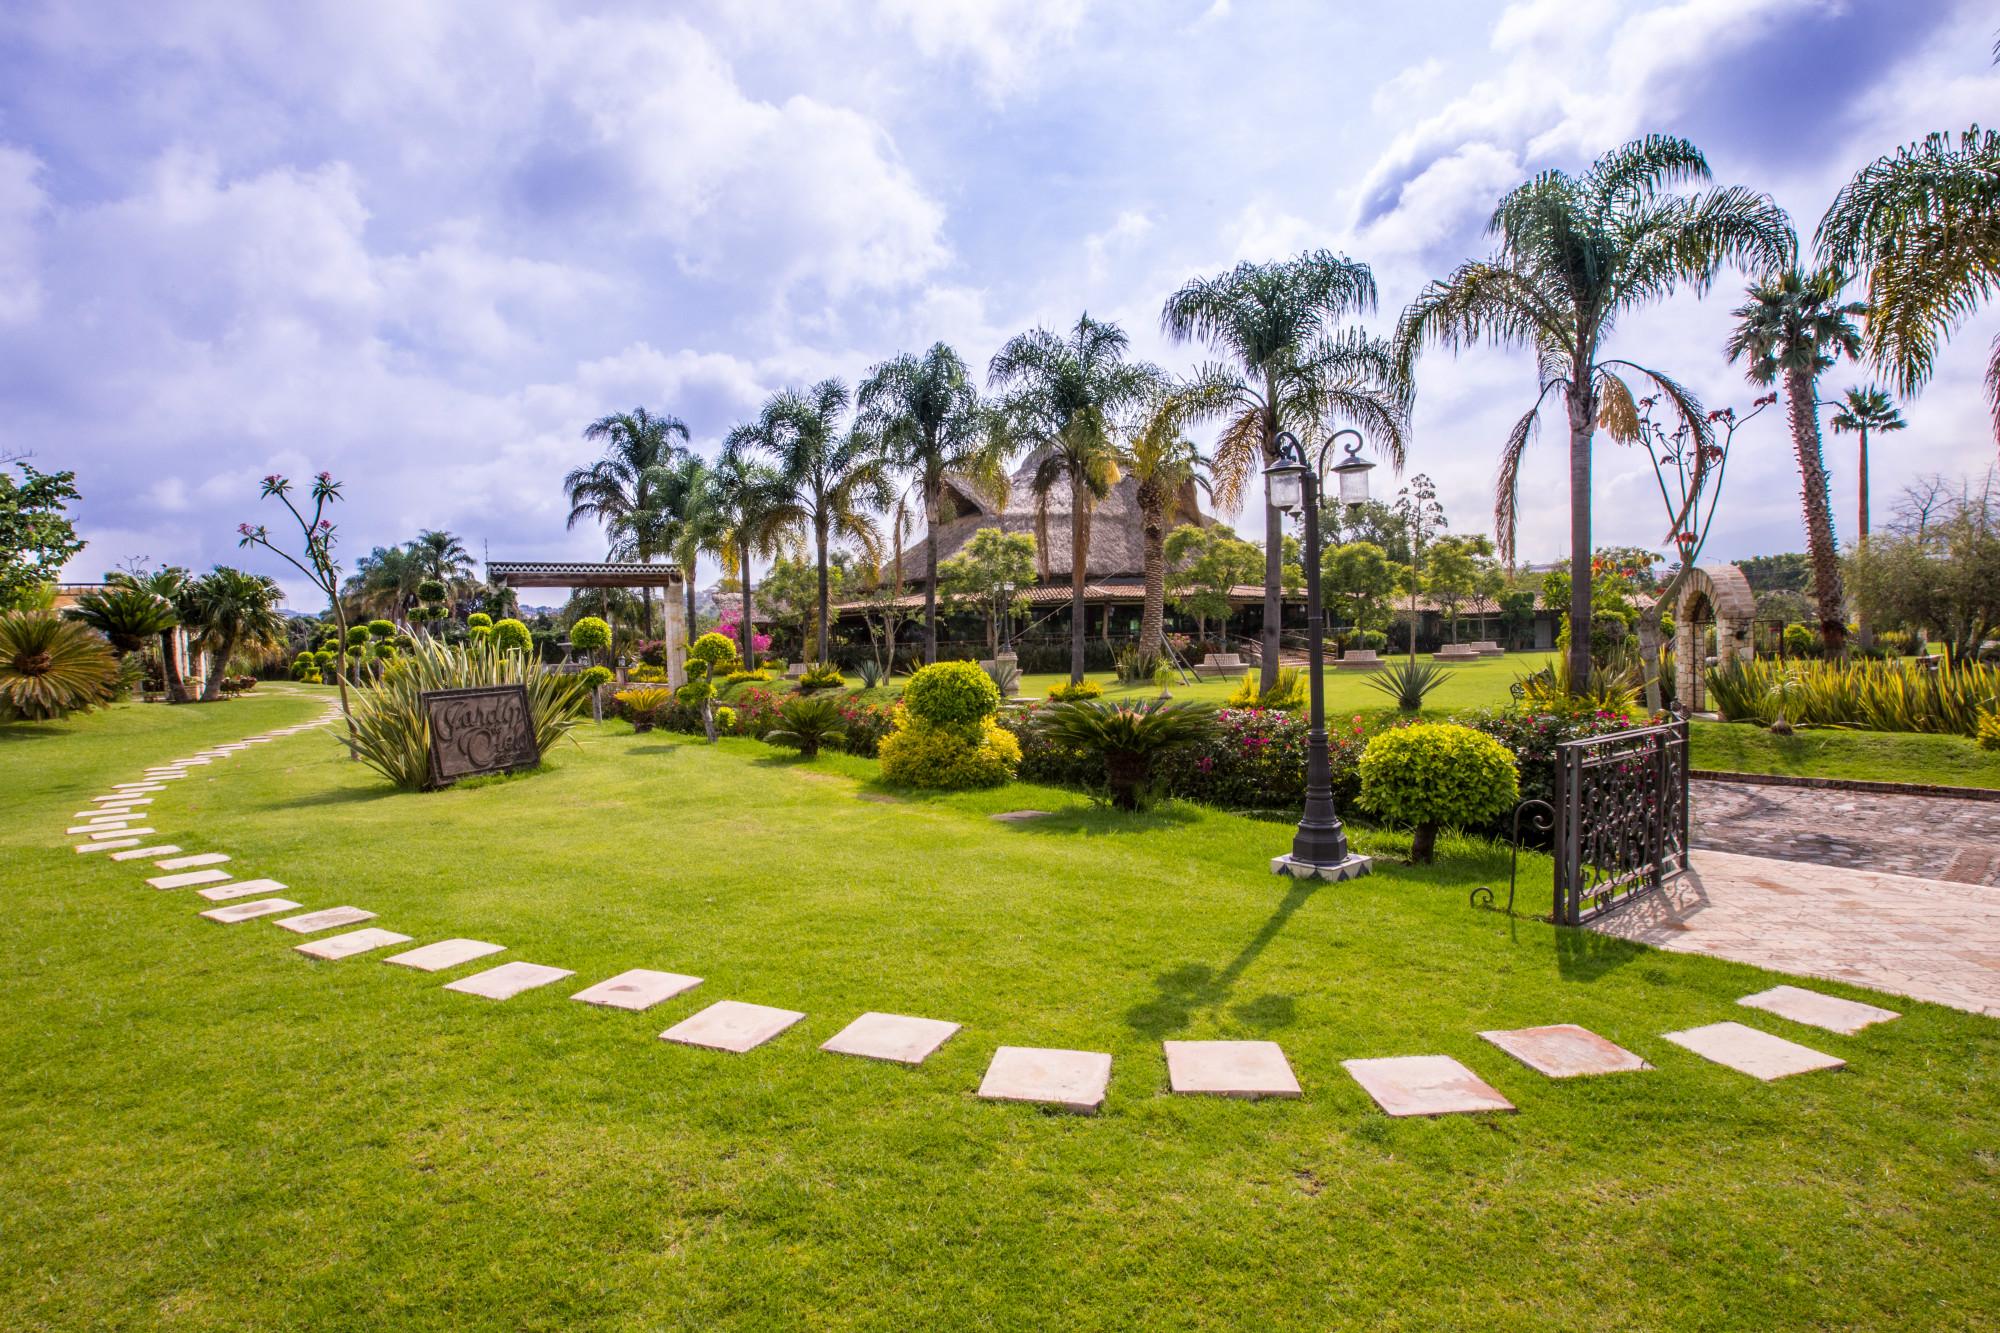 Jardin de cielo jardines